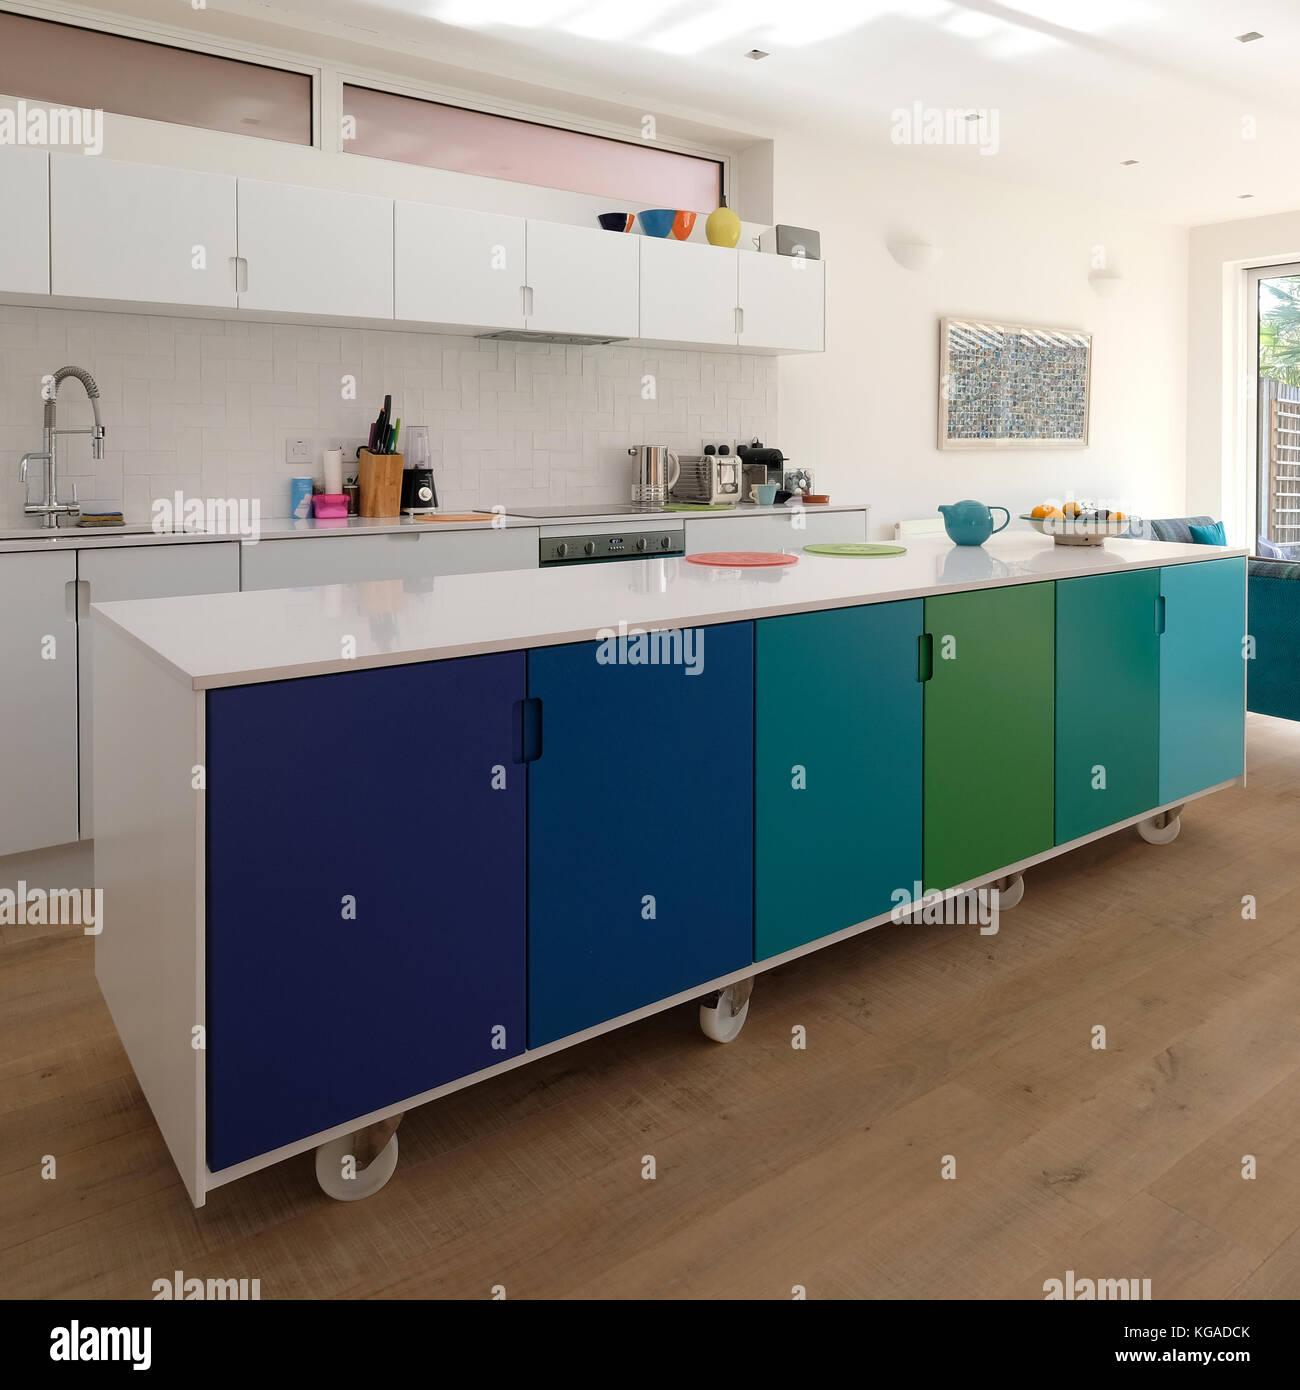 Bewegliche Küche Insel auf Rollen, Retro Design in ombre Farben mit ...